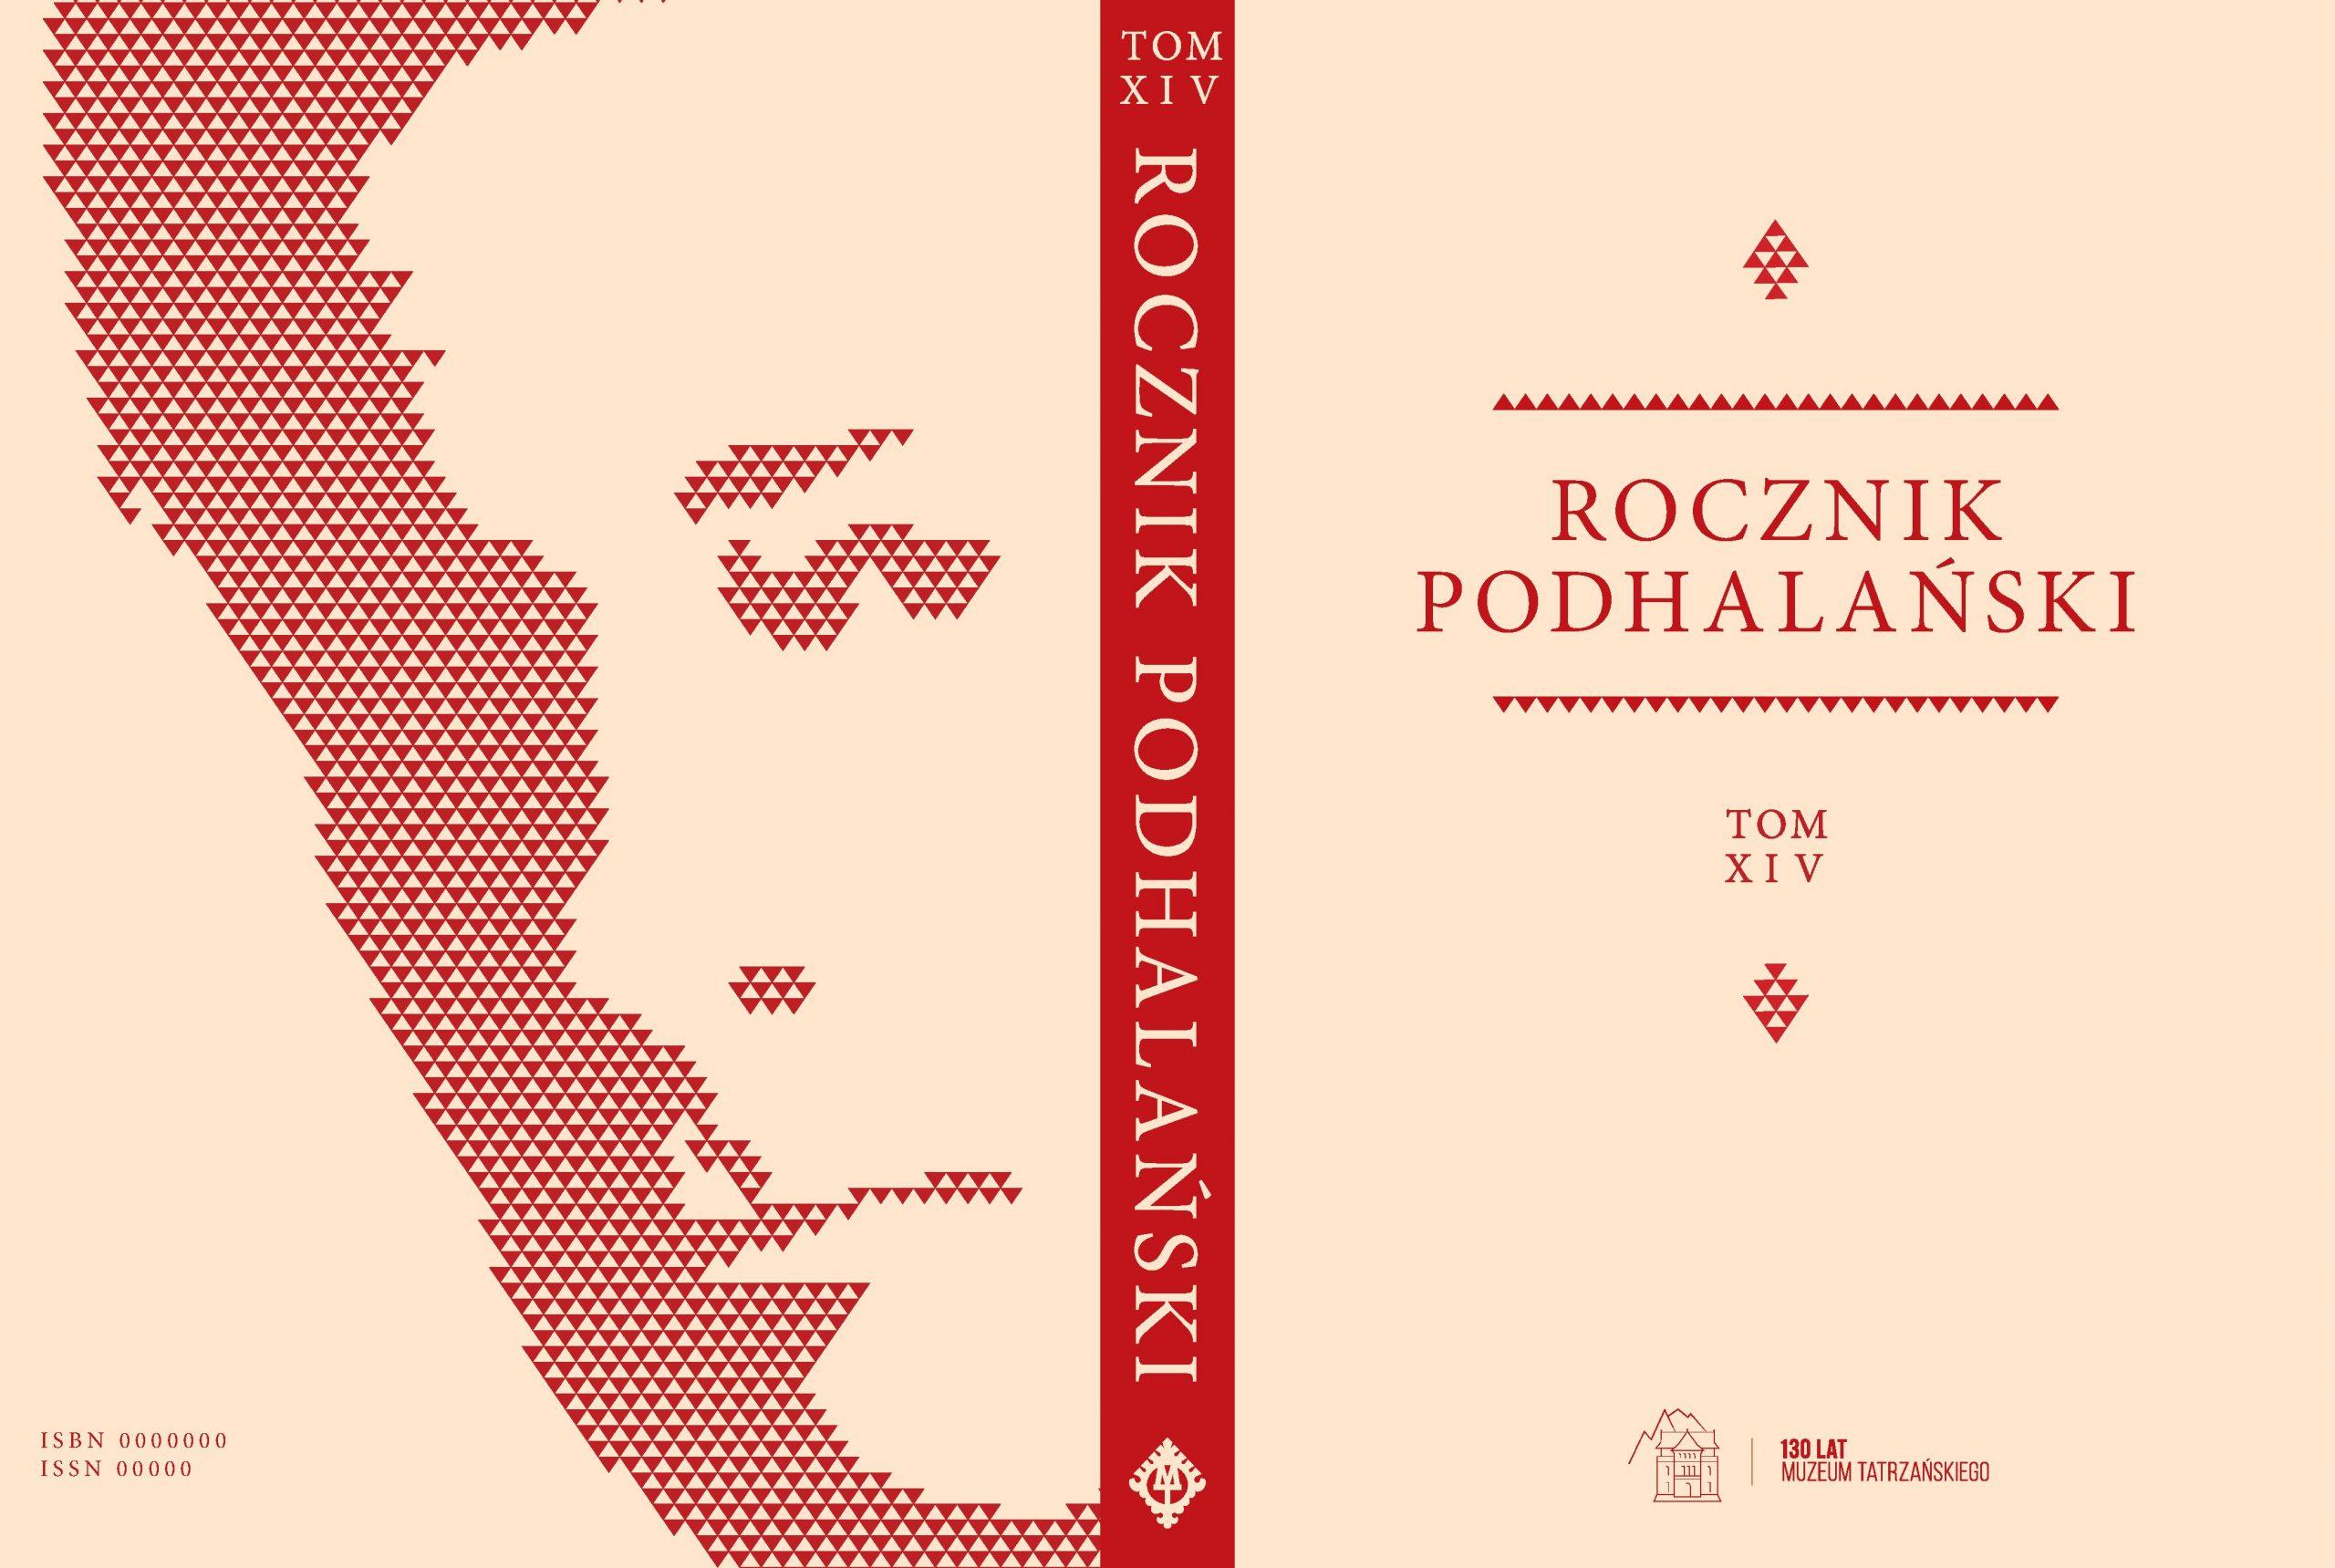 """Trwają prace nad kolejnym tomem """"Rocznika Podhalańskiego""""."""